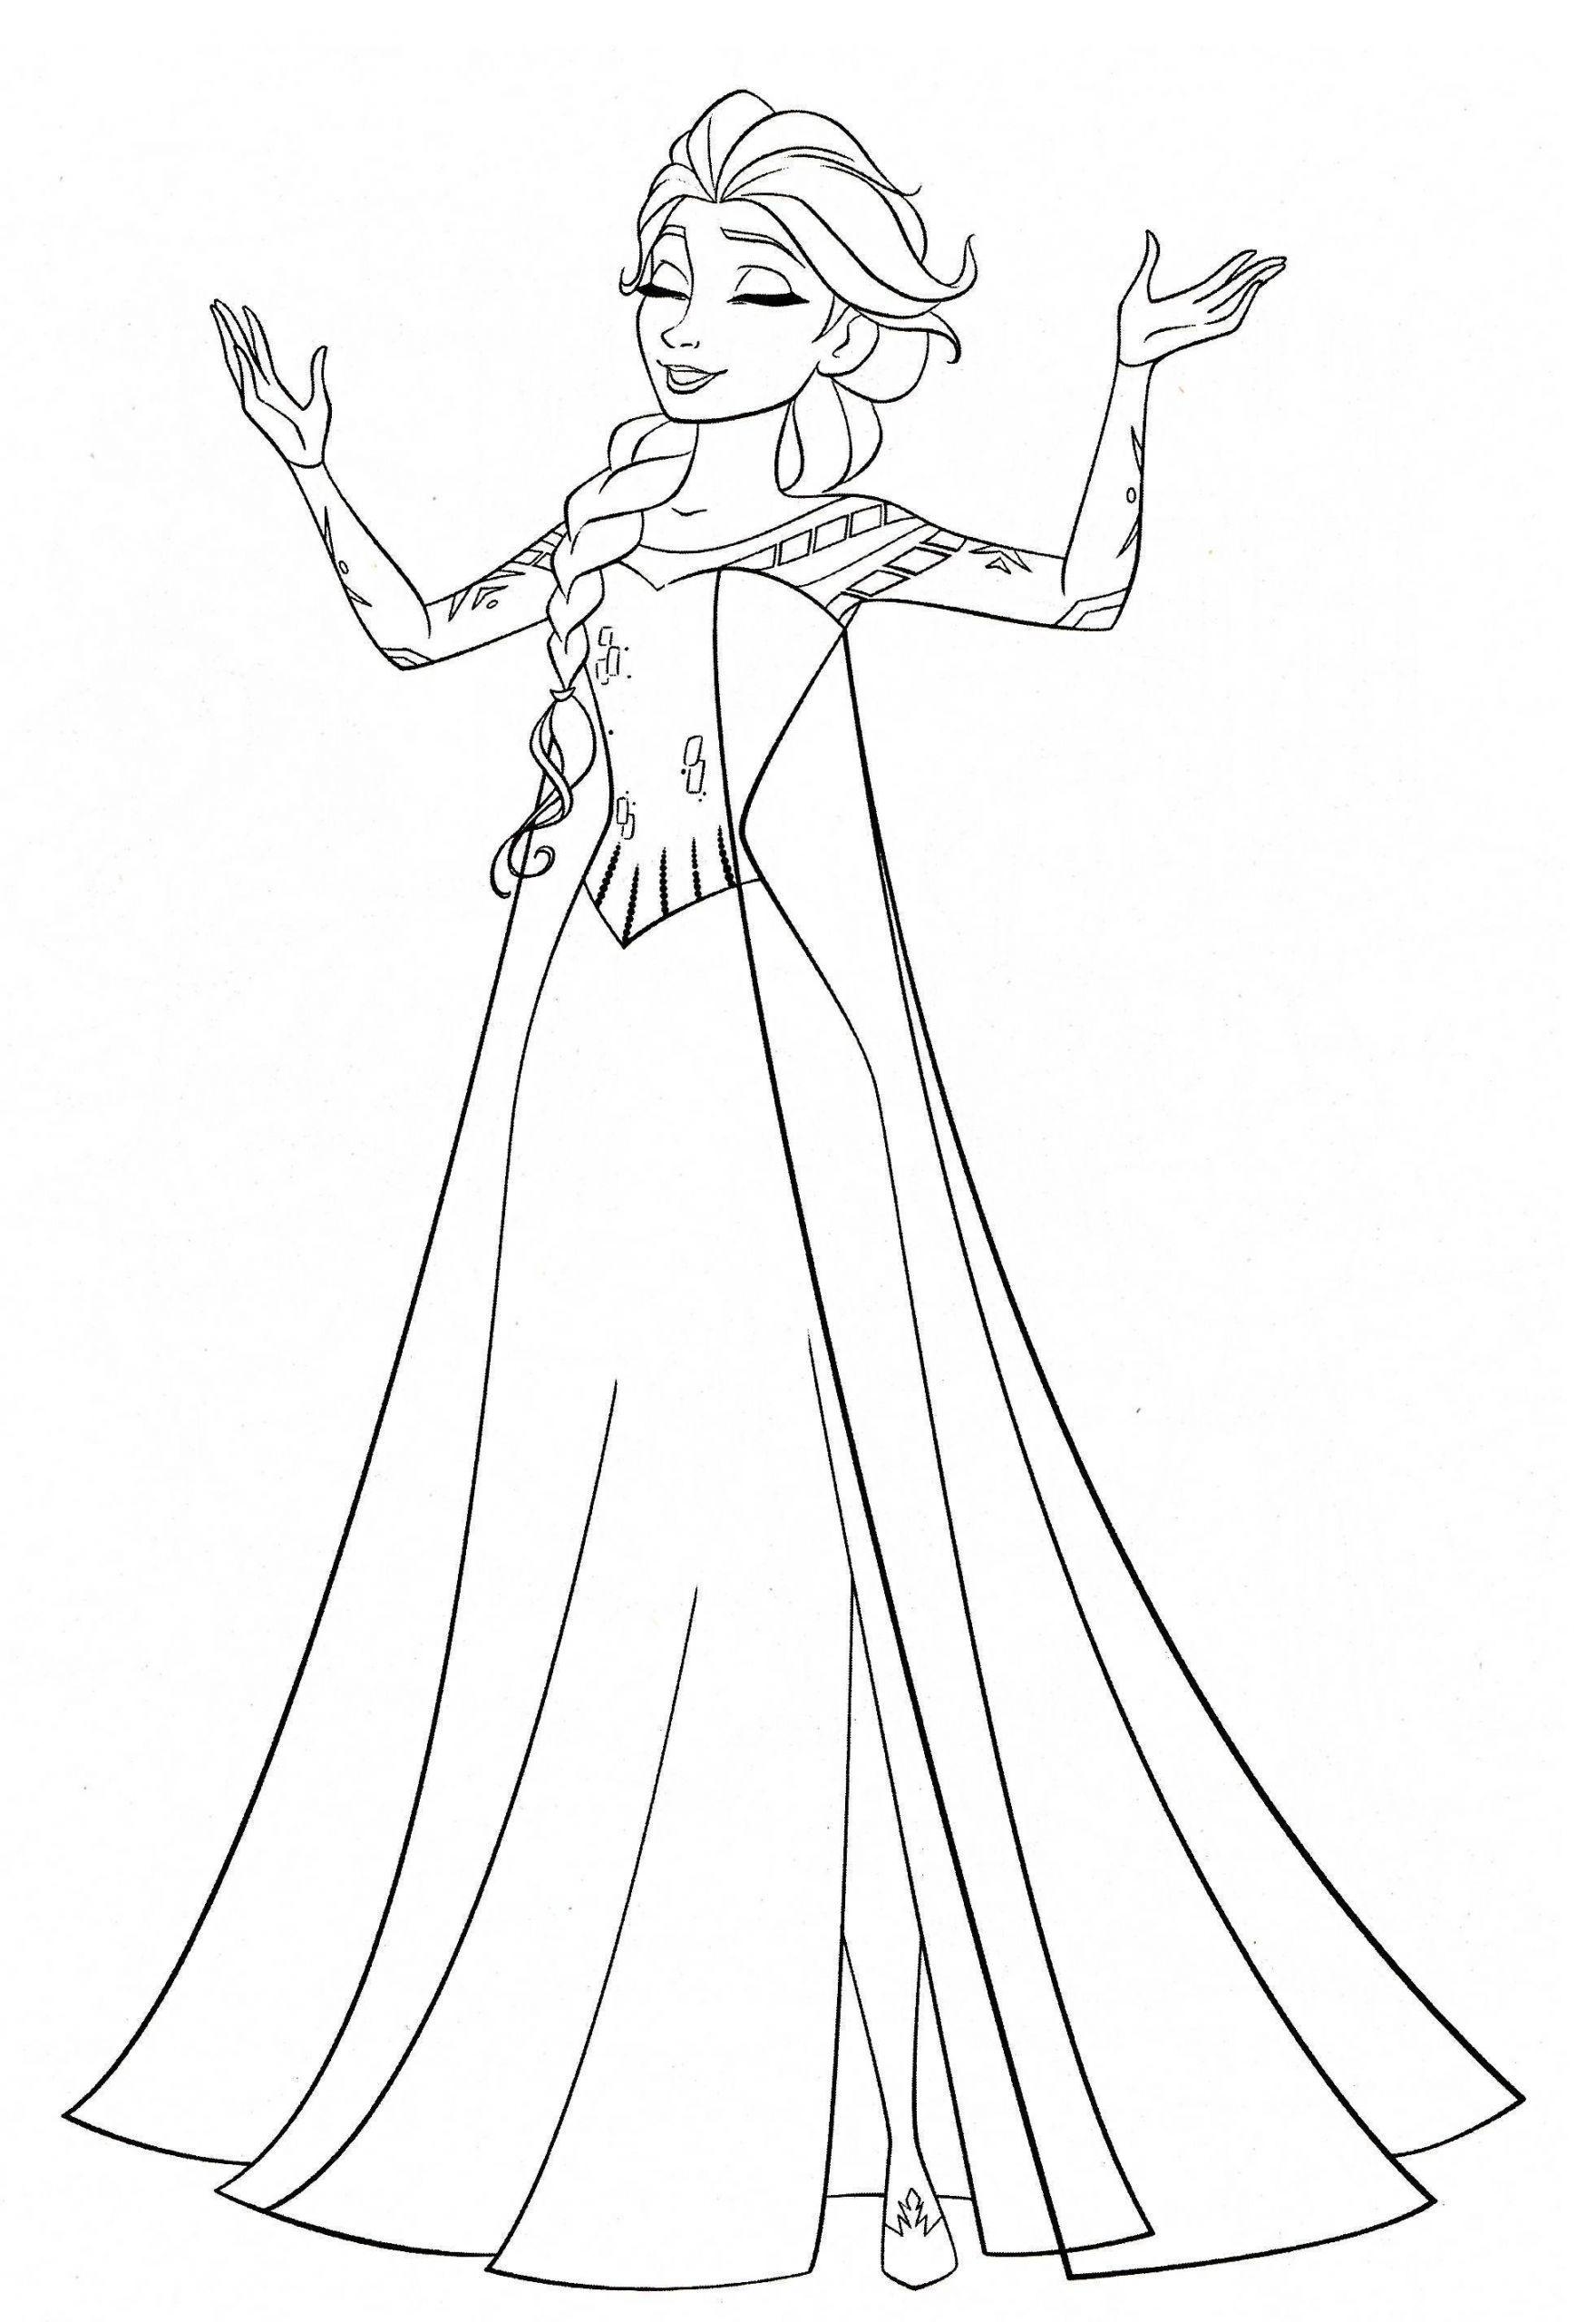 Die Besten Von Ausmalbilder Elsa Ausmalbilder Von Elsa Malvorlagen Windowcolor Druckfertig Of Malvorlagen Eiskonigin Malvorlagen Elsa Ausmalbild